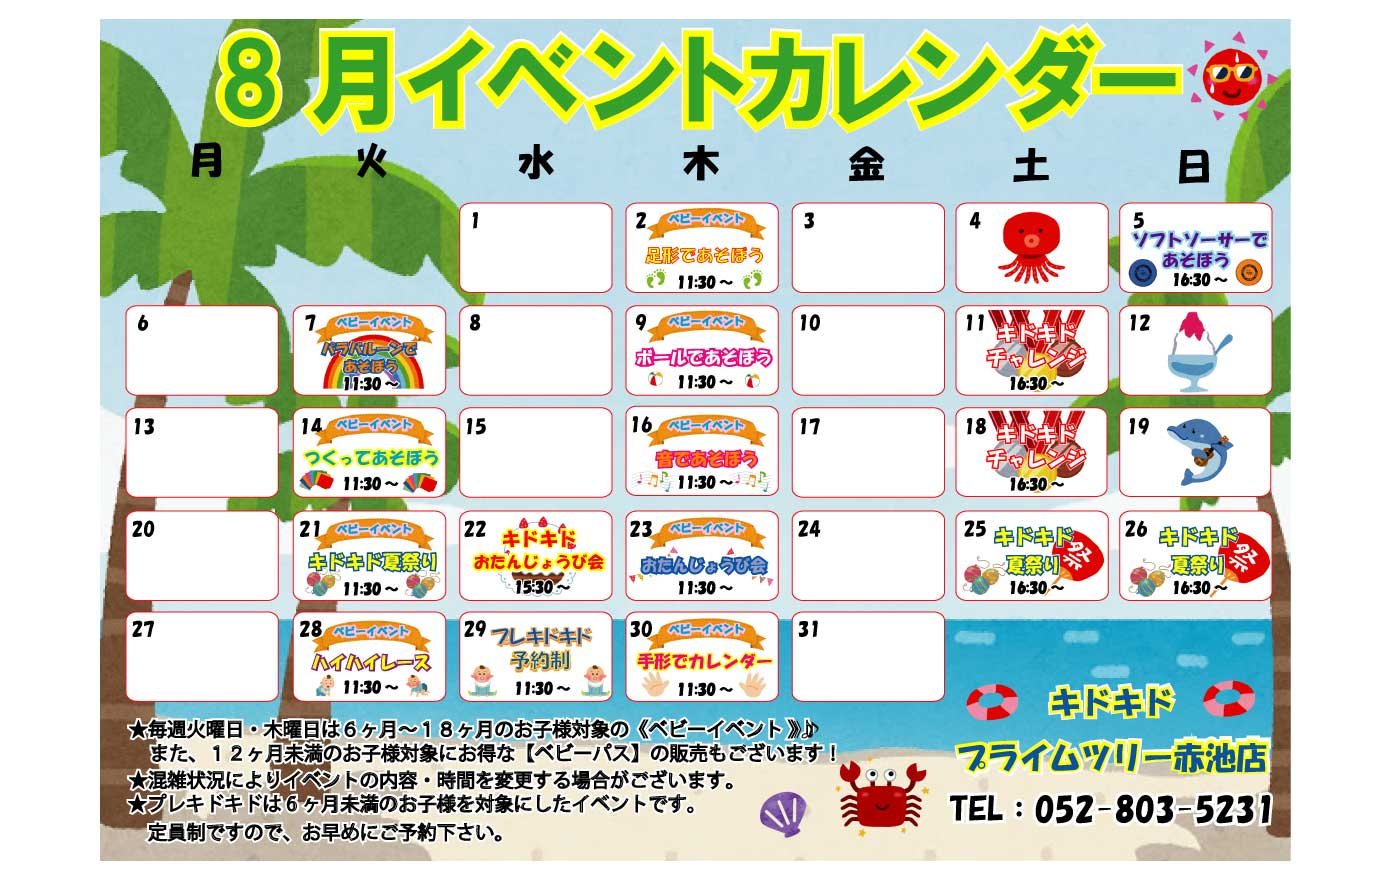 ★8月のイベントカレンダーができました★